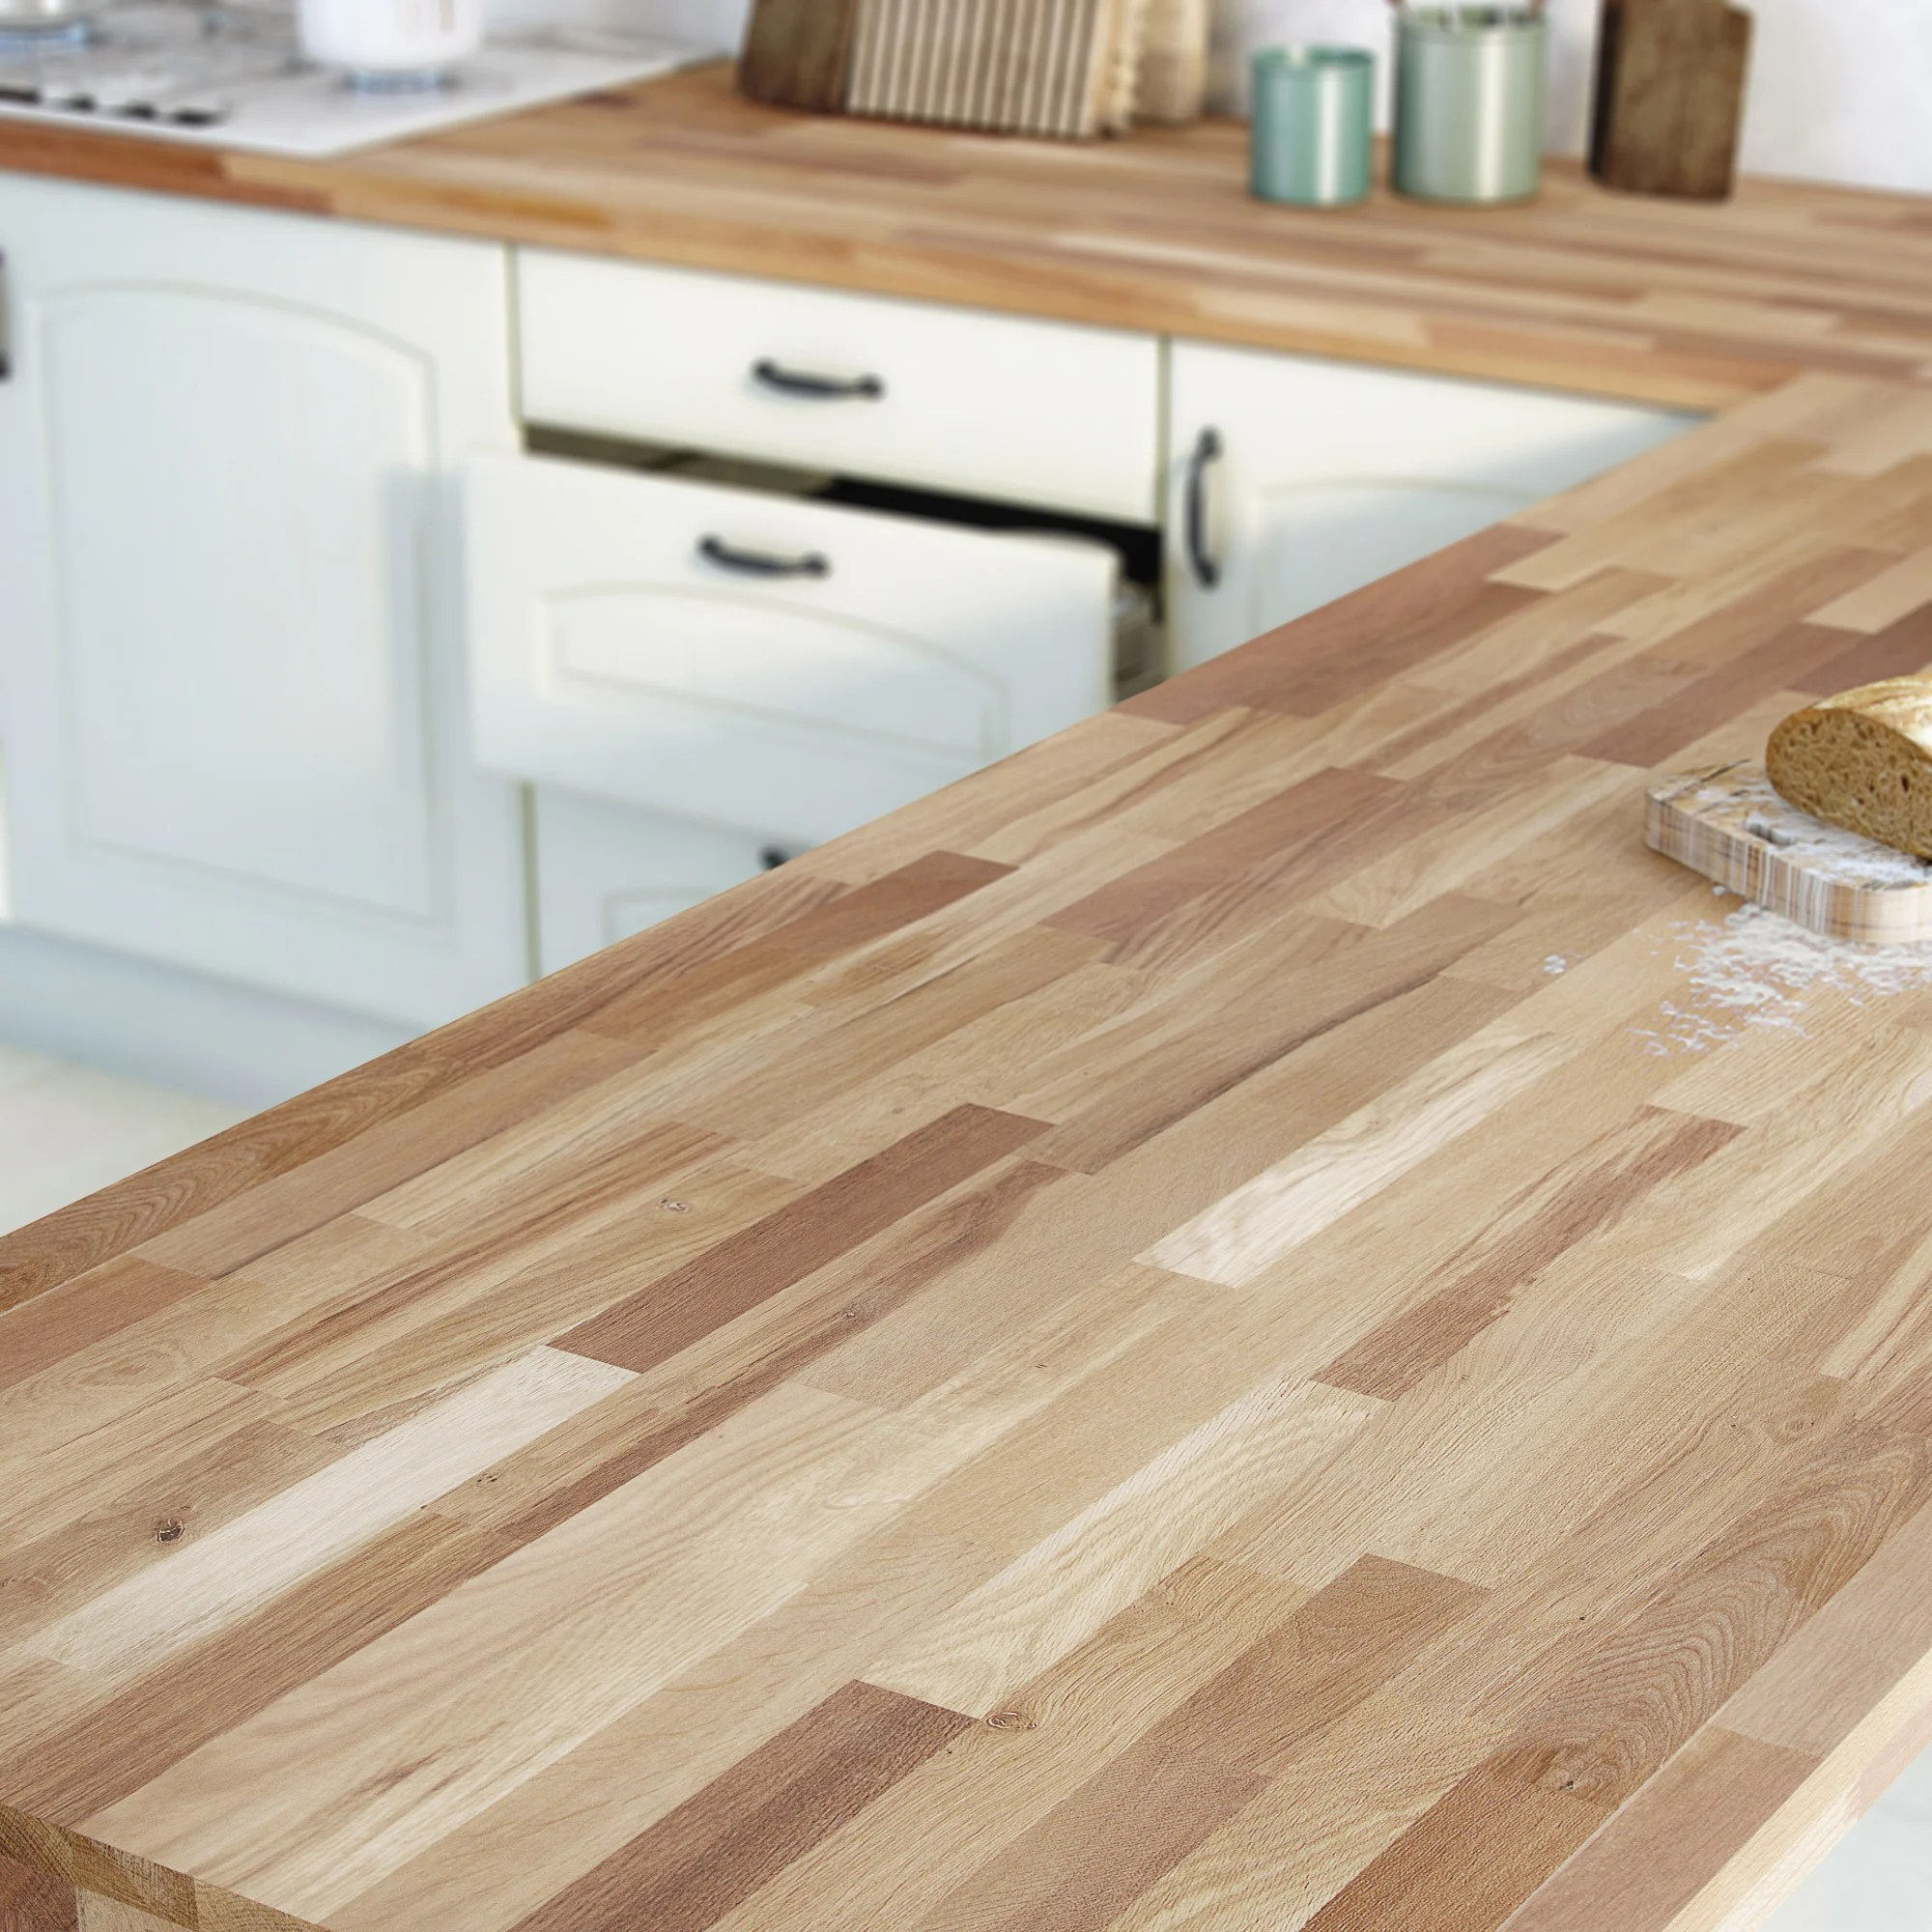 plan de travail bois chene lamelle pre huile l 300 x p 65 cm ep 36 mm